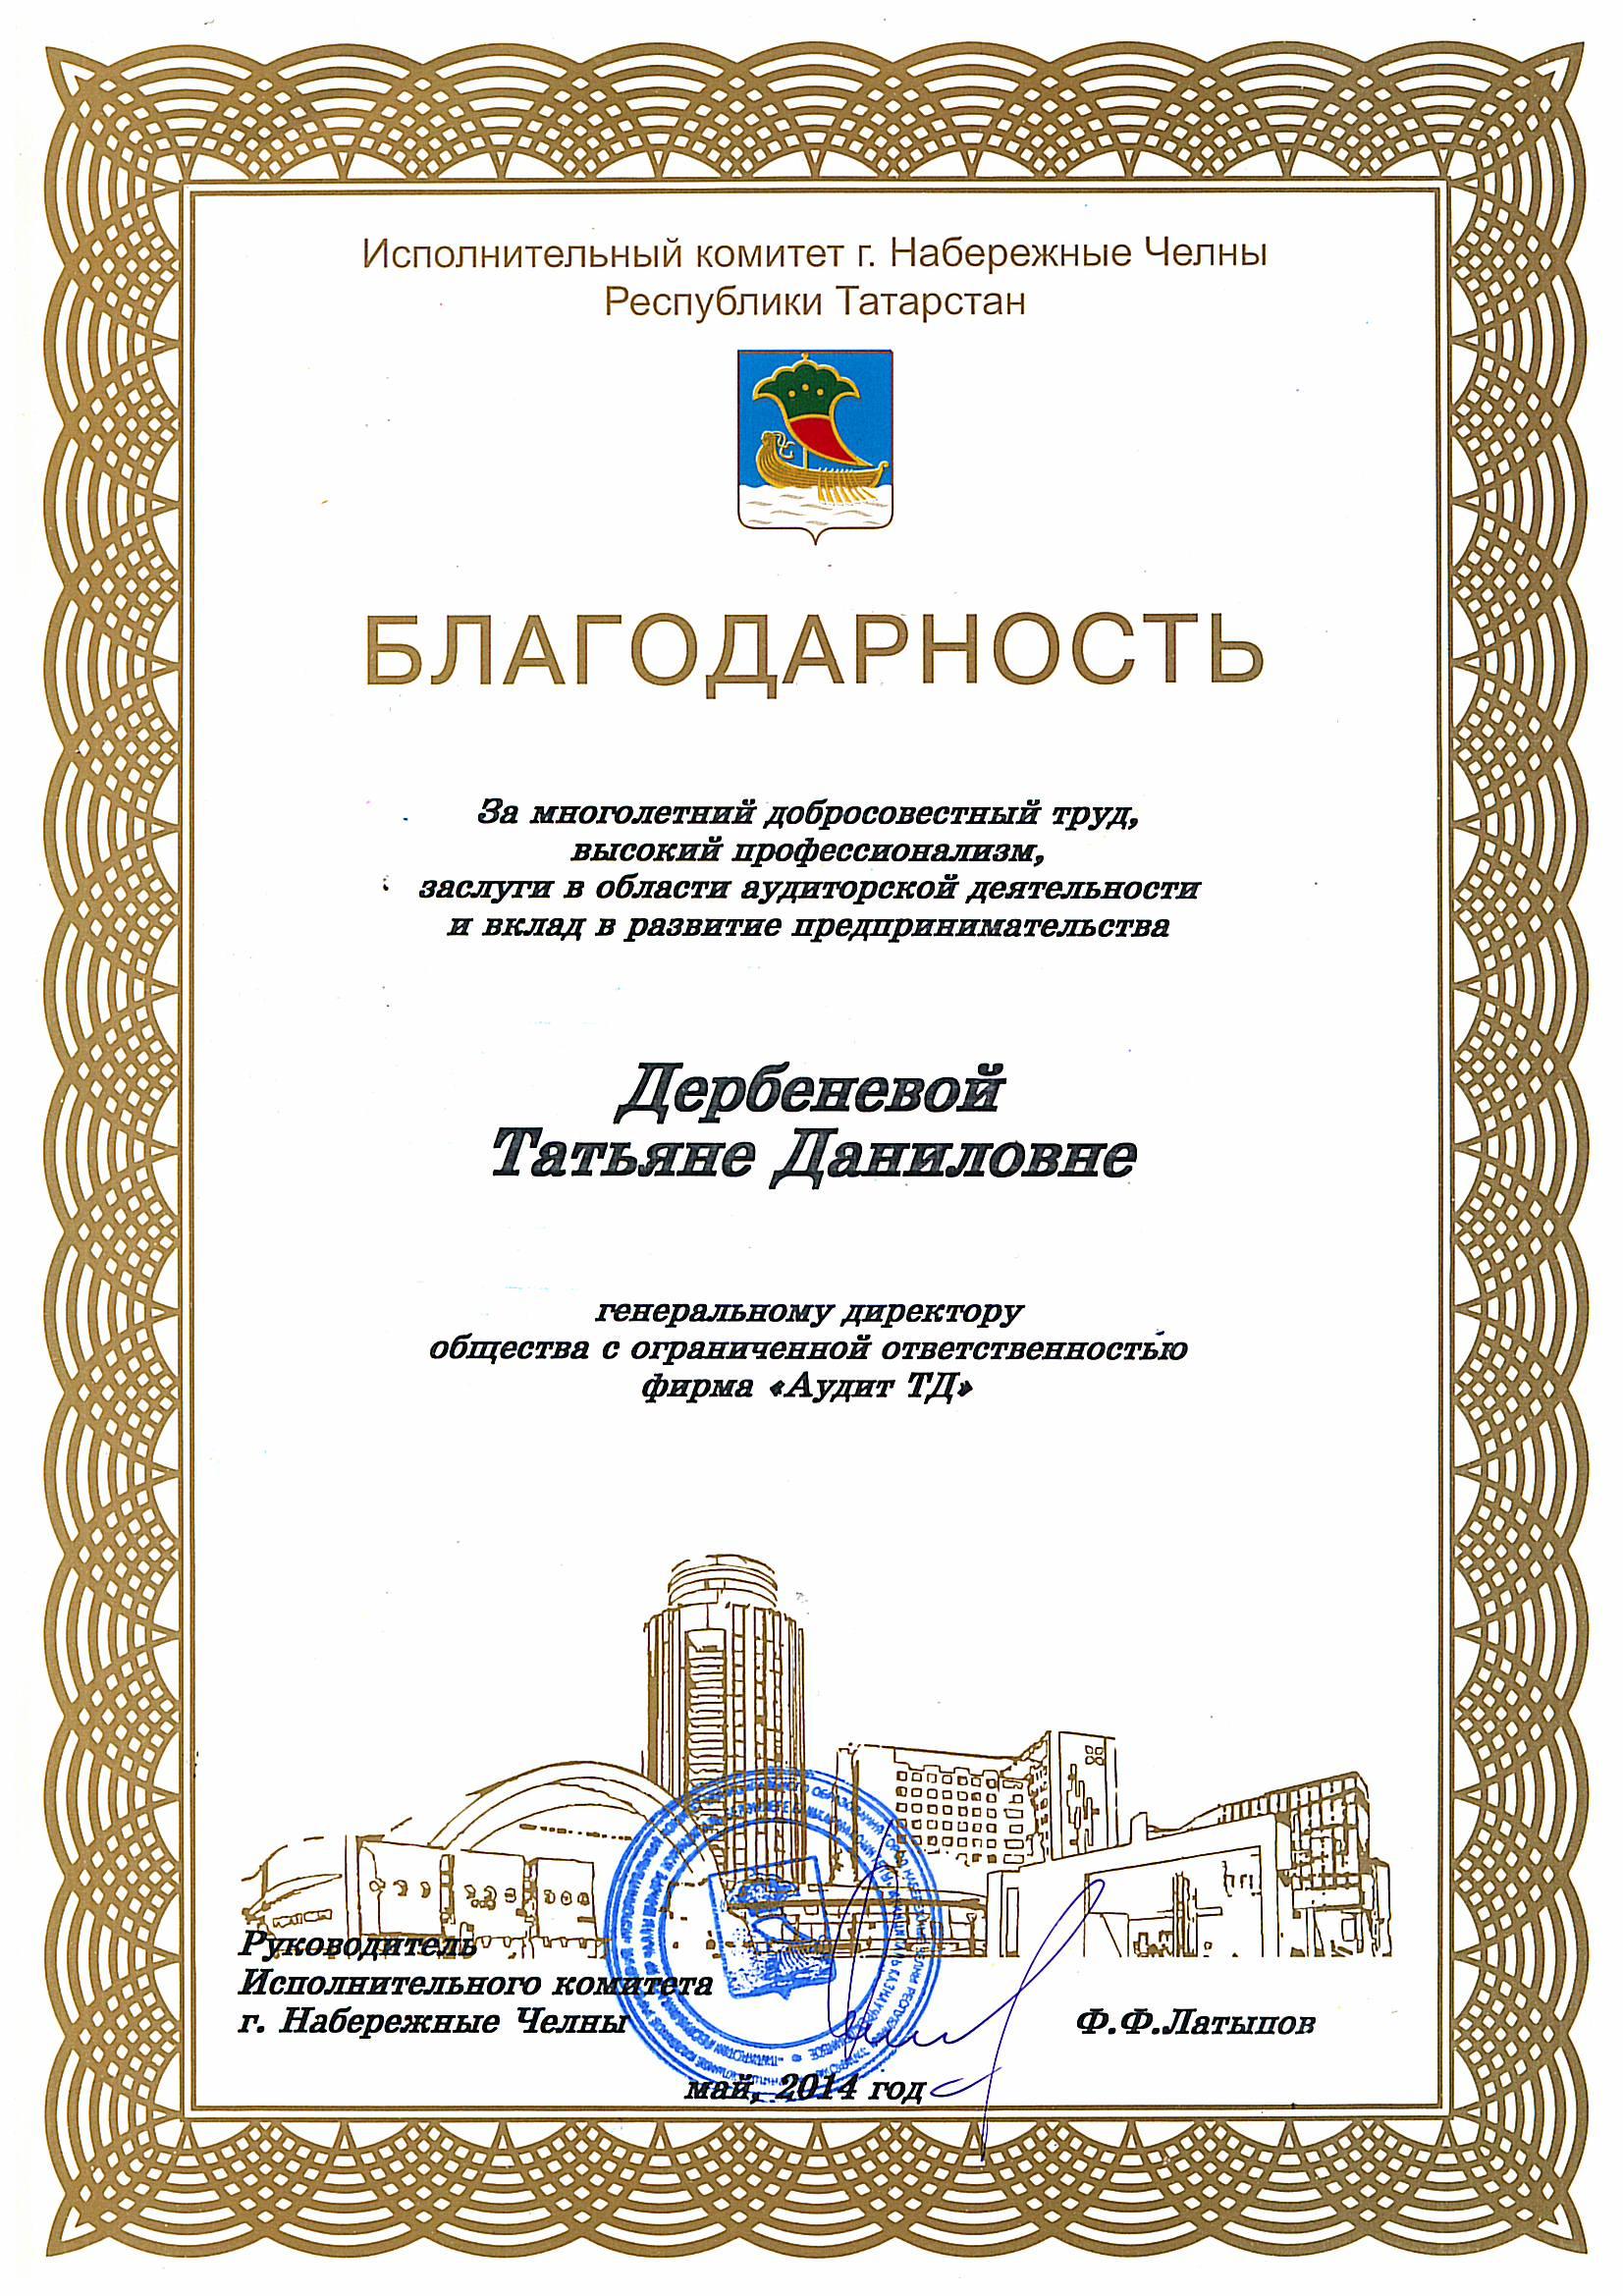 официальное поздравление за многолетний труда головам